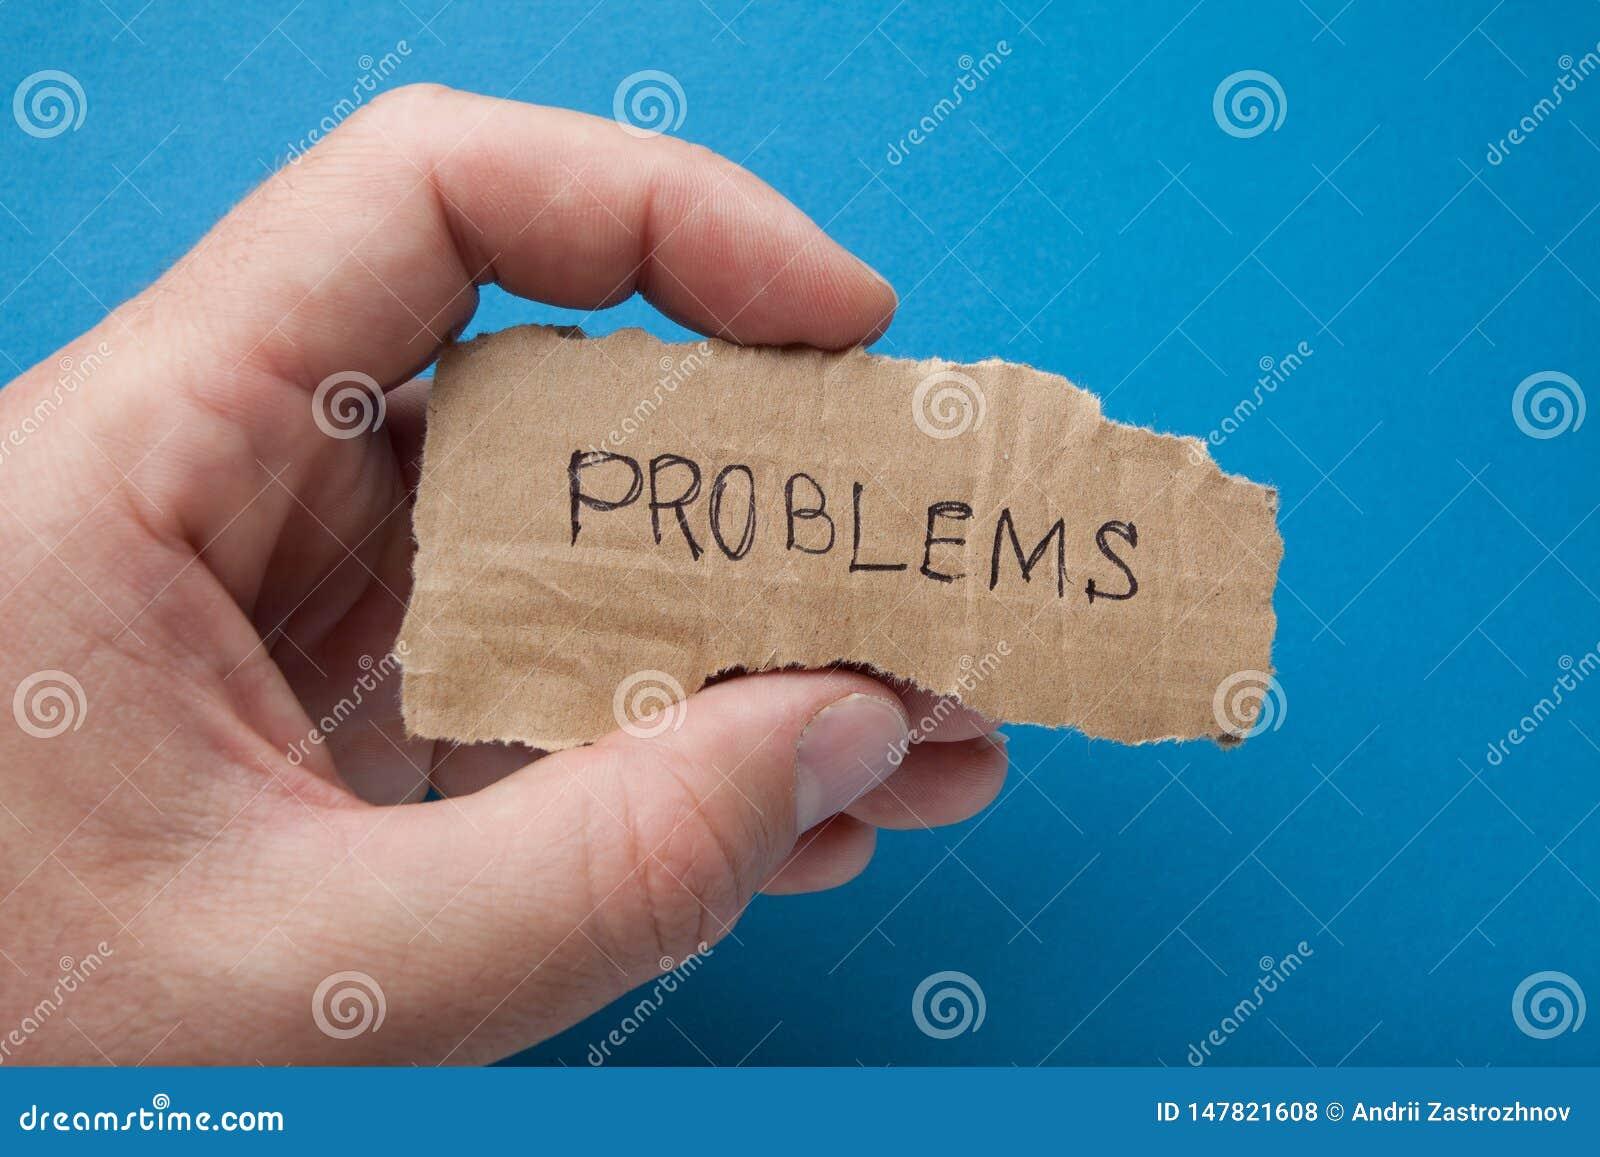 Problemas de la palabra los 'en un pedazo de cartulina a disposición